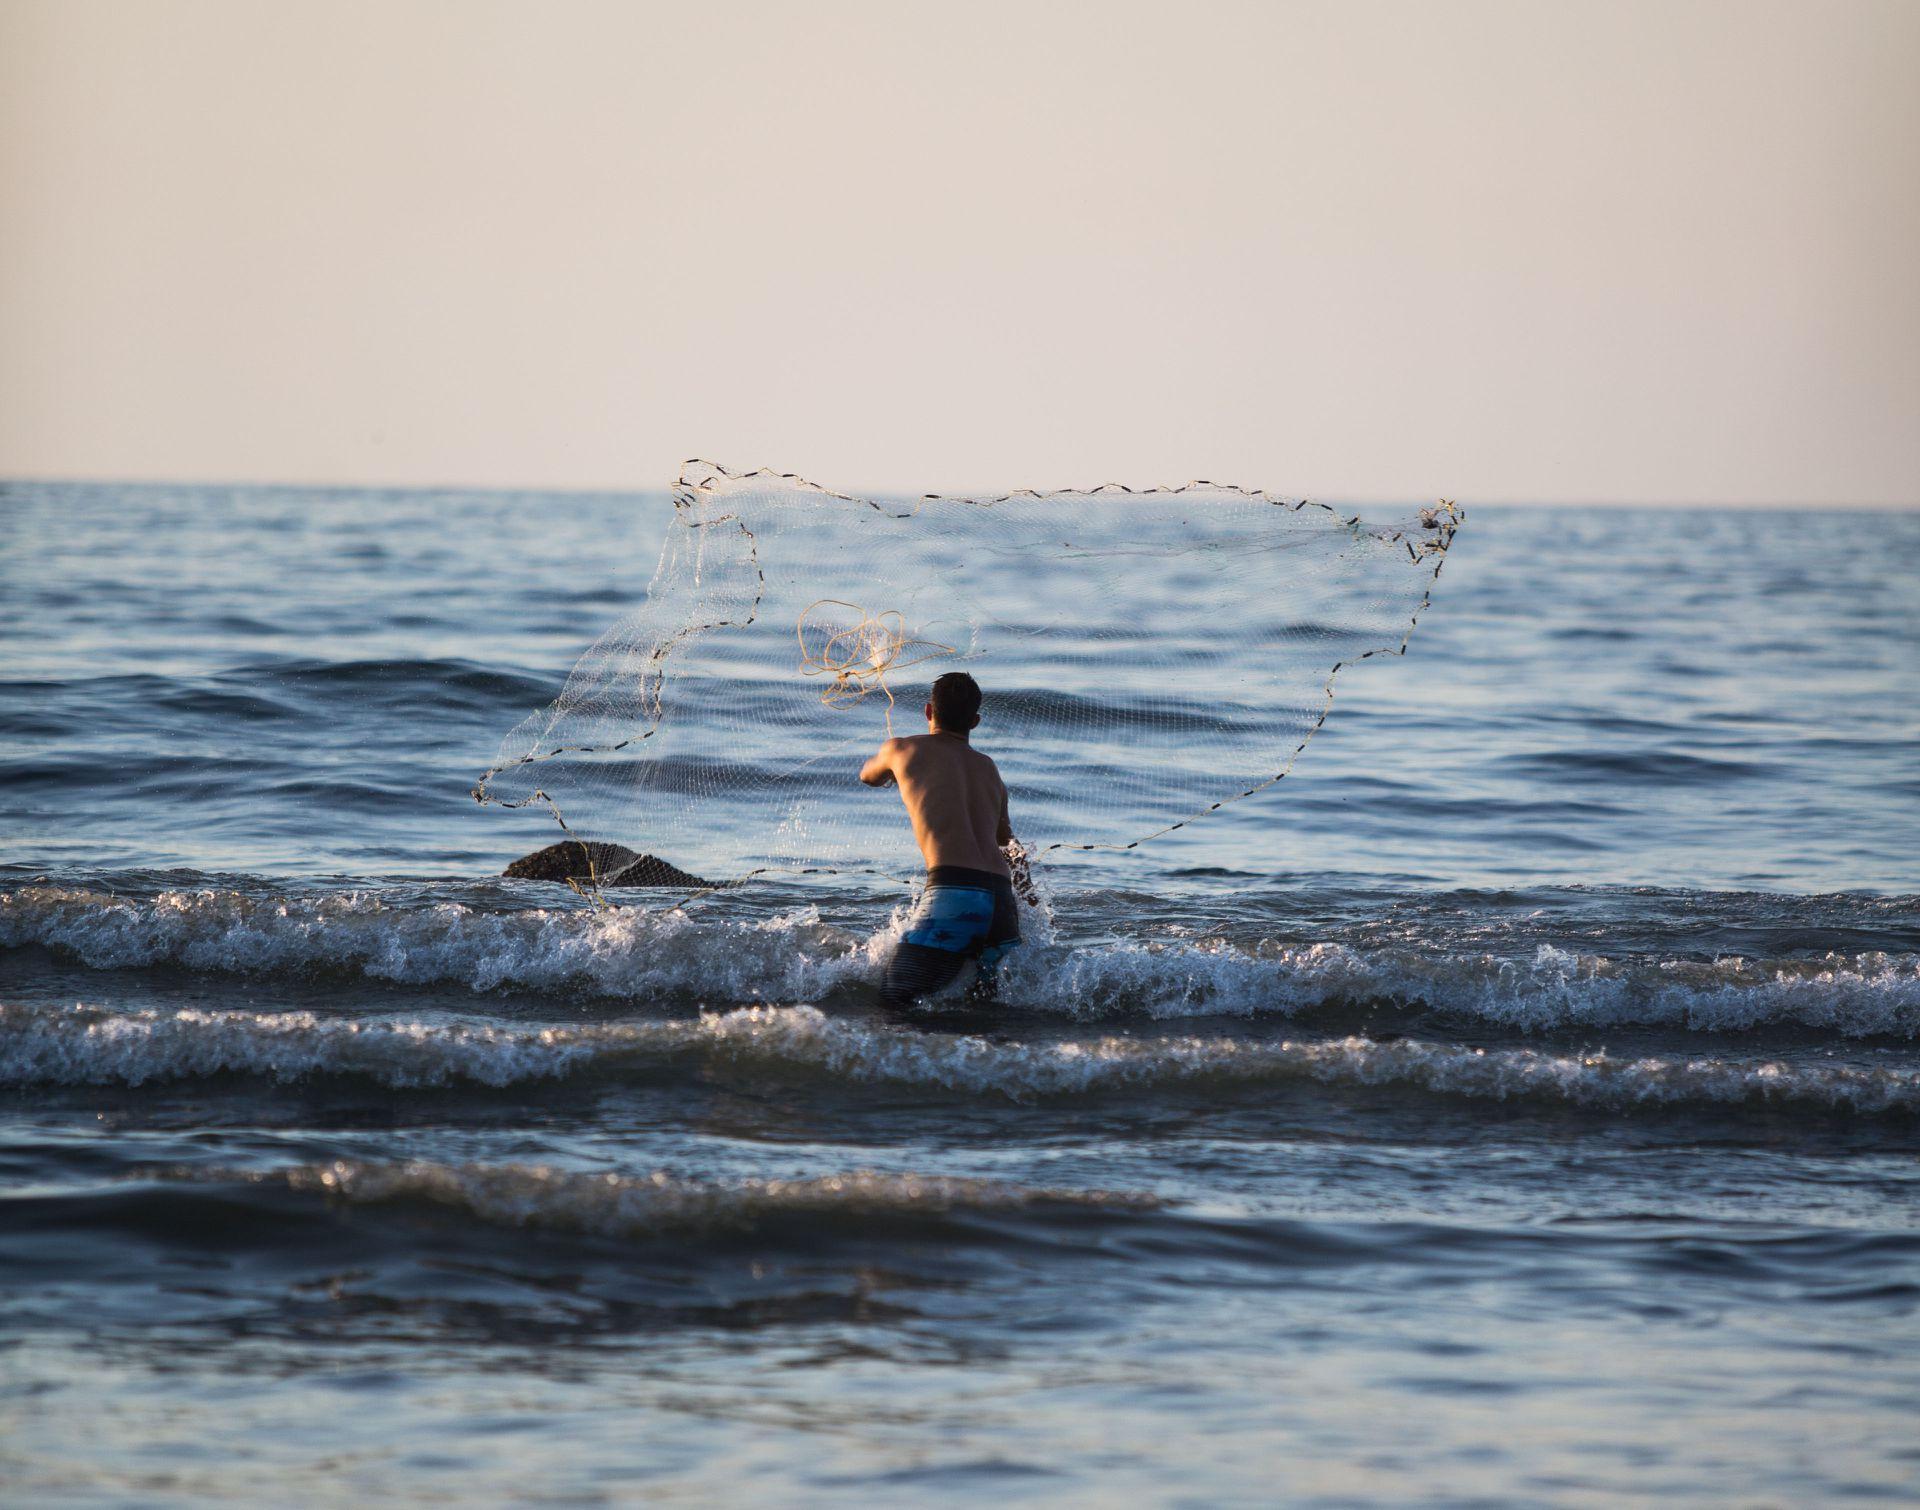 Un pescador artesanal lanza una red en el mar de Sayulita.